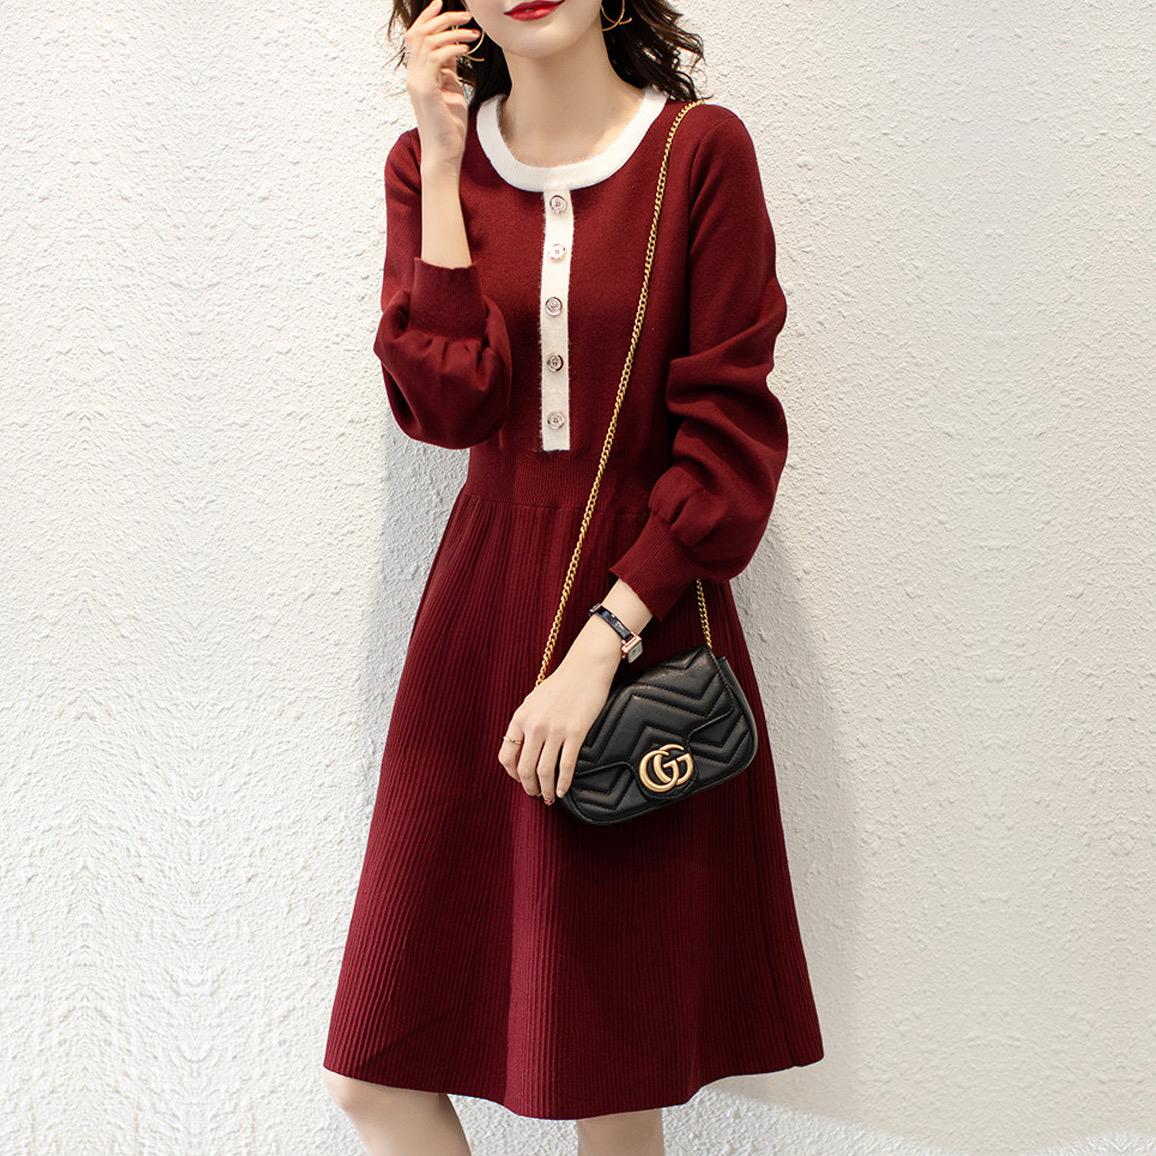 針織連衣裙女秋冬內搭修身復古顯瘦收腰氣質小個子A字打底毛衣裙